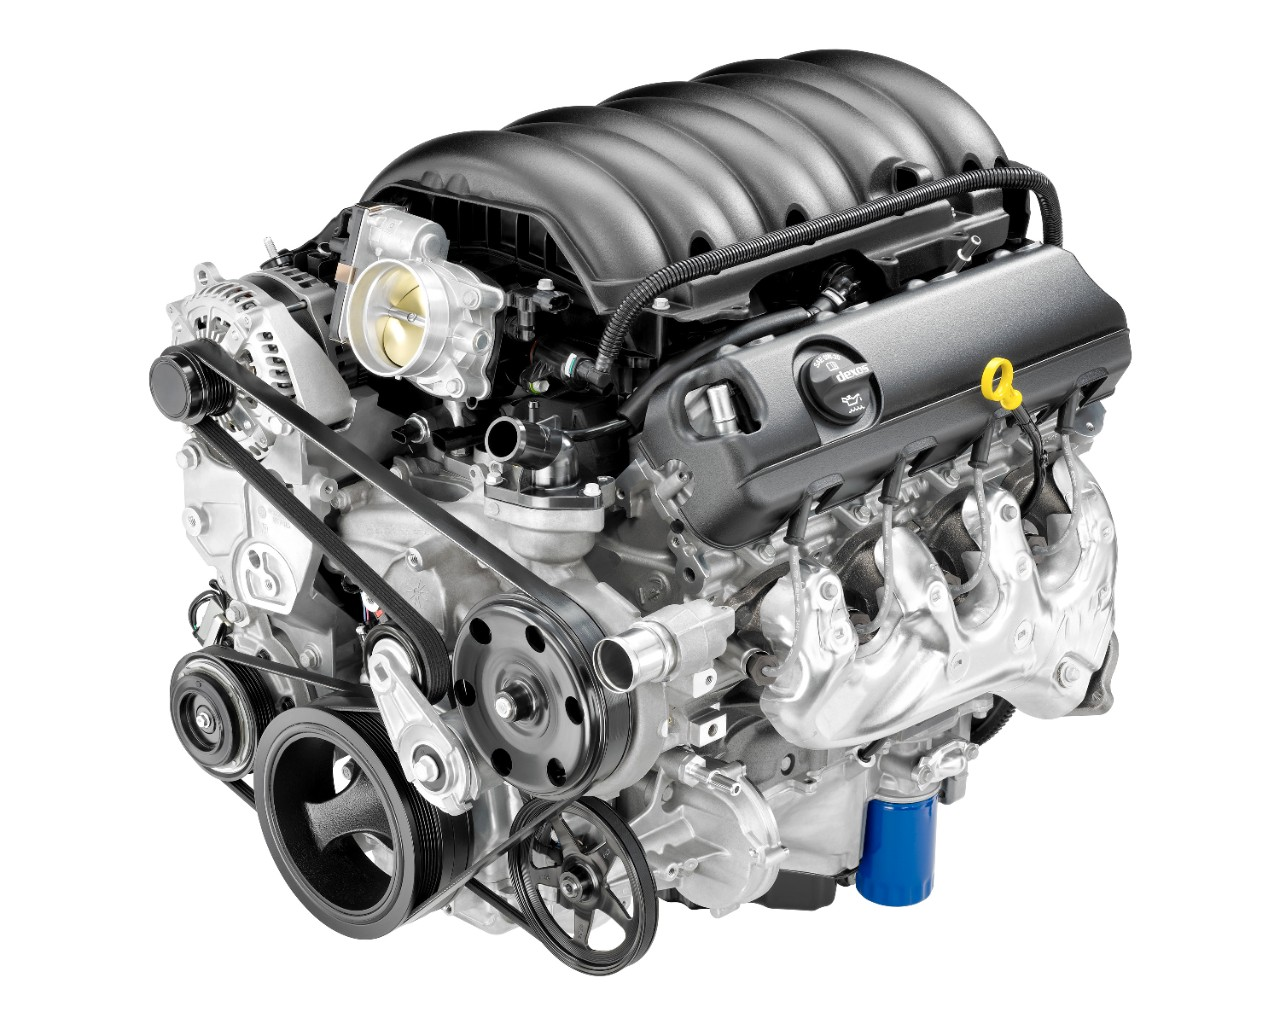 5 3l Vortec Engine Diagram | New Wiring Resources 2019  Vortec Engine Diagram Schematic on